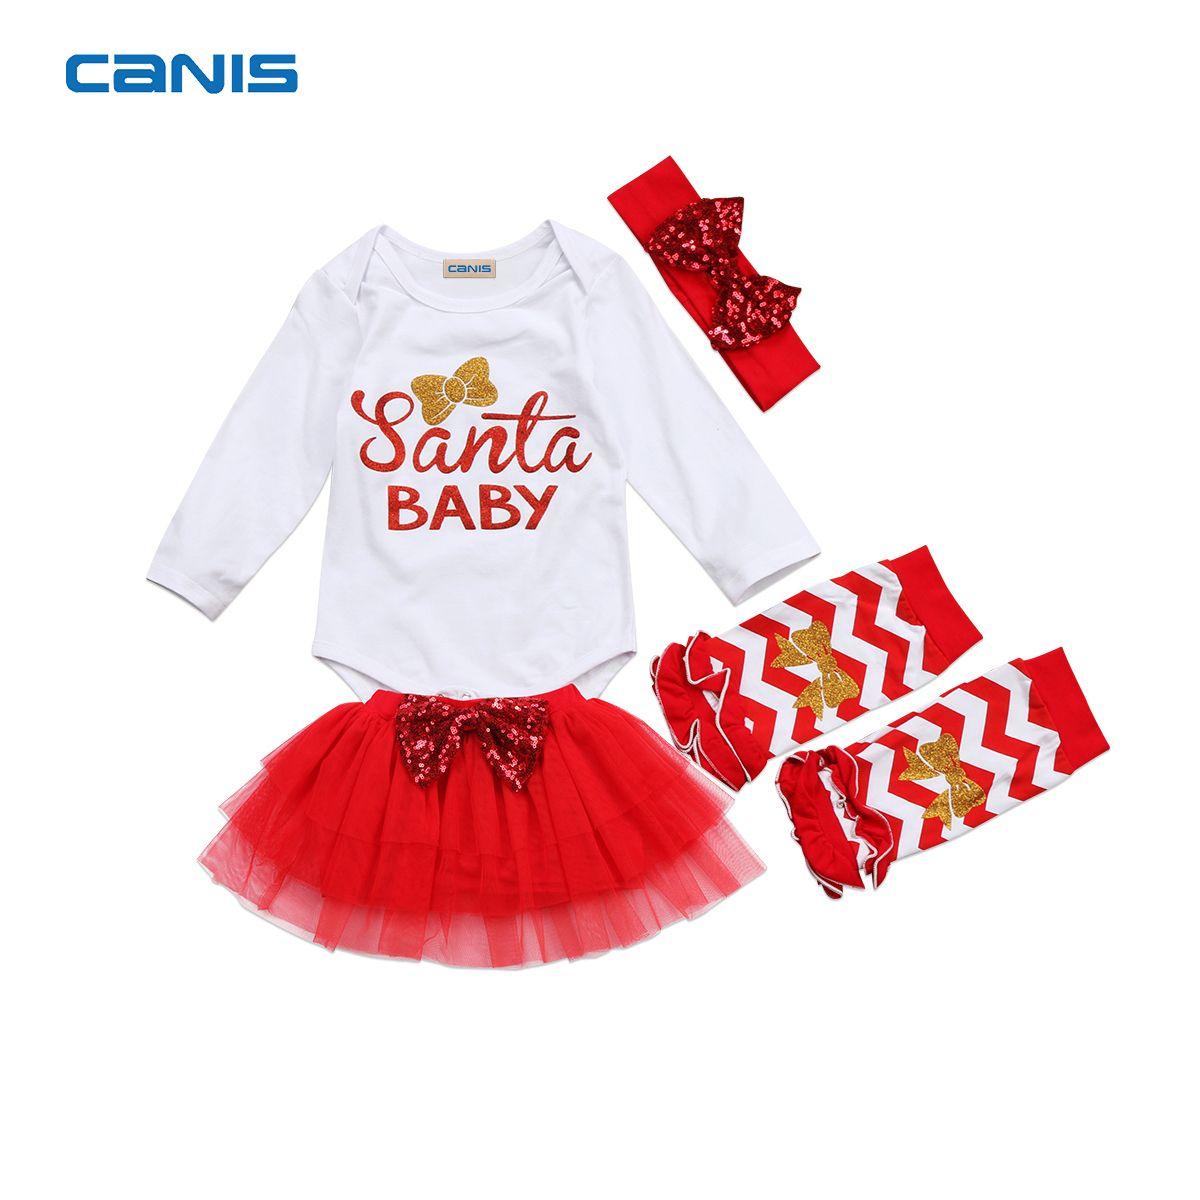 2017 Brand New 4 Pcs Newborn Toddler Infant Baby Girl Santa Romper ...